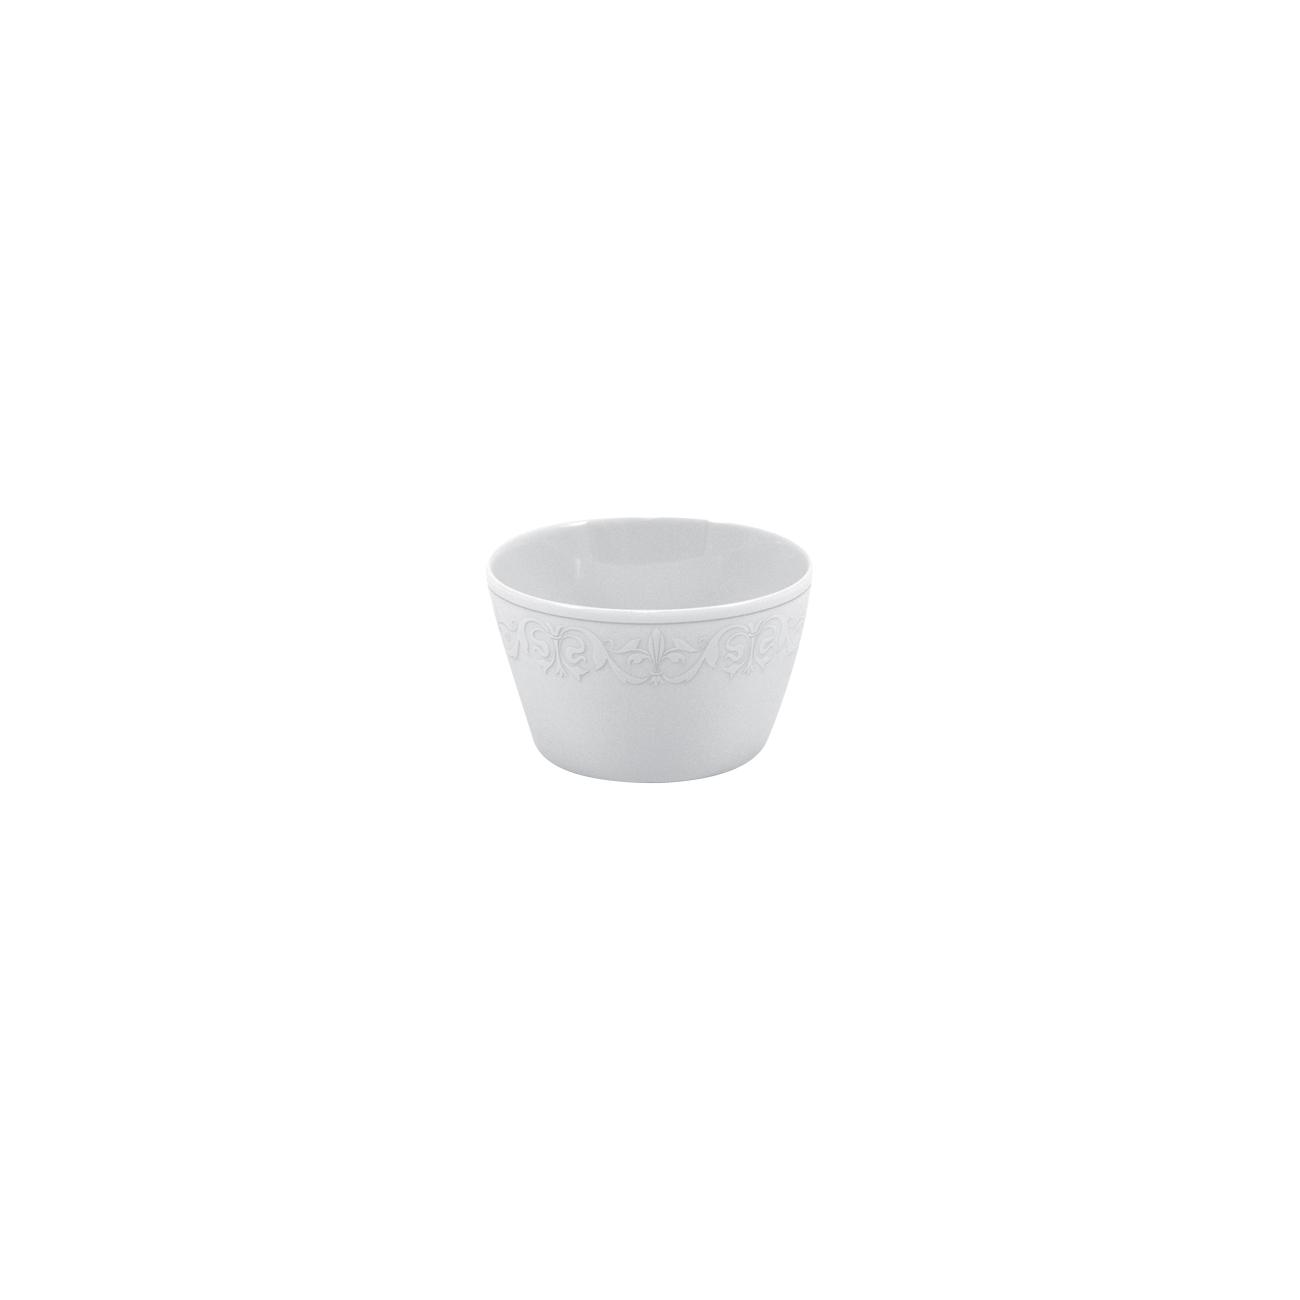 Taça/Molheira 10cm Peac 0